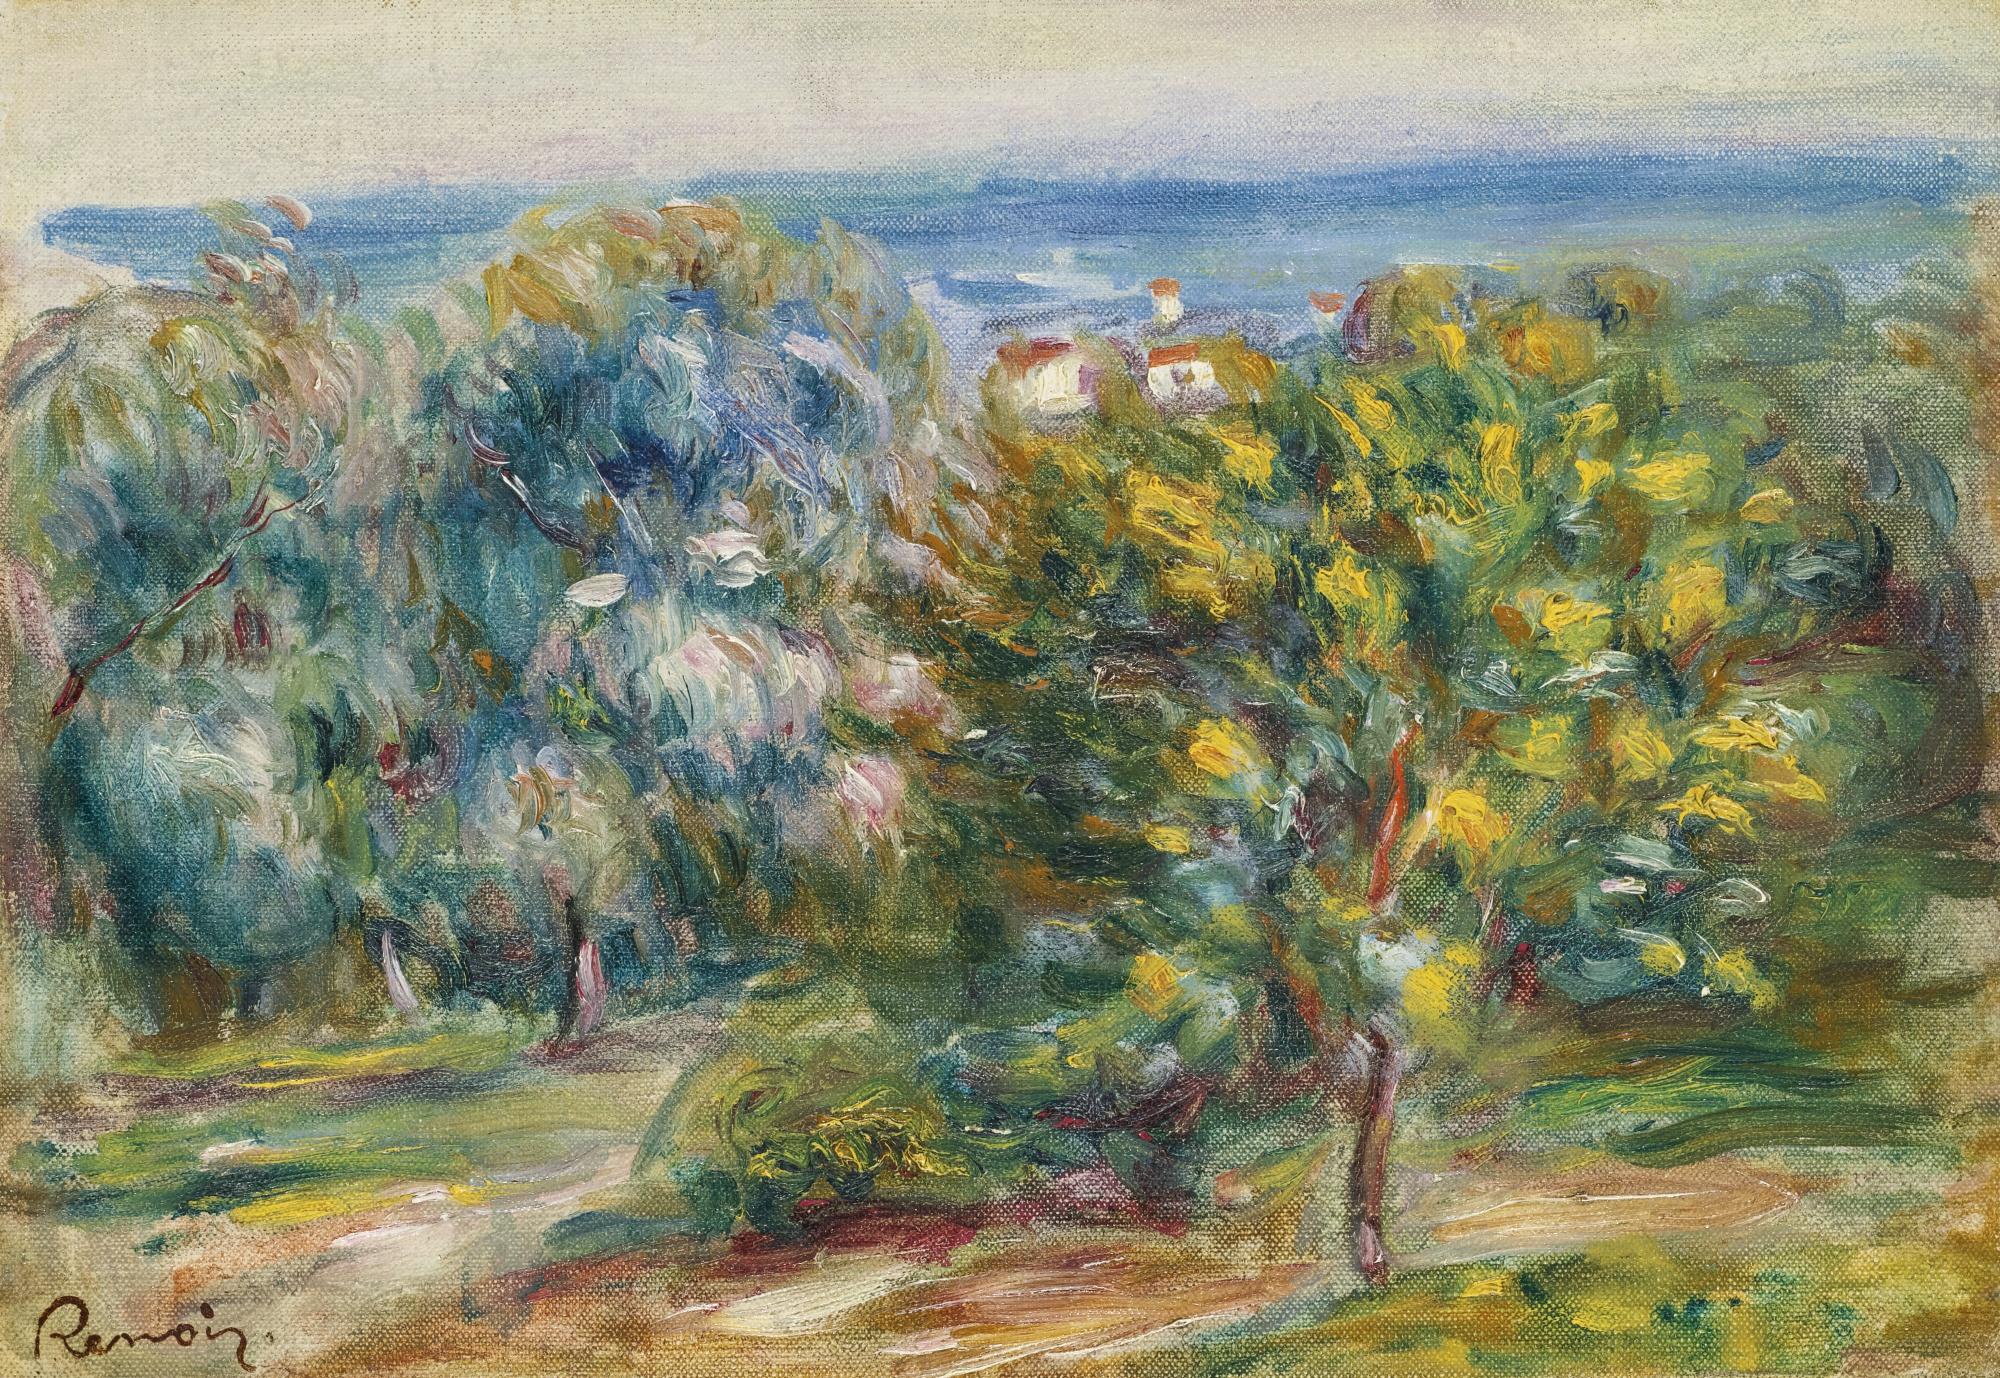 Renoir_-_ÉSQUISSE_DE_PAYSAGE_DU_MIDI,_1910